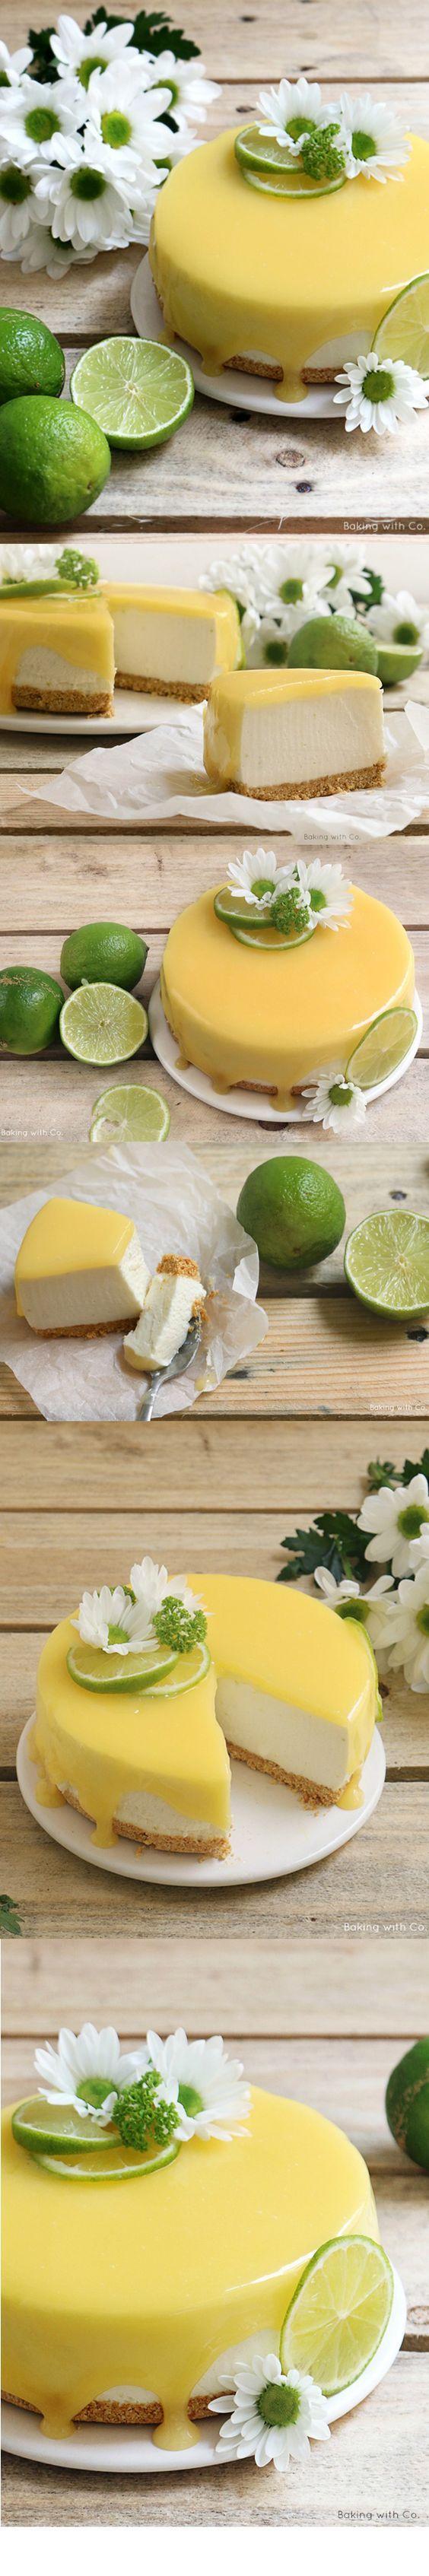 Este día consiéntete al preparar un delicioso #PayDeLimón. No podrás resistirte a su sabor. #Postre #RecetasFáciles #RecetasDePostres #Recetas